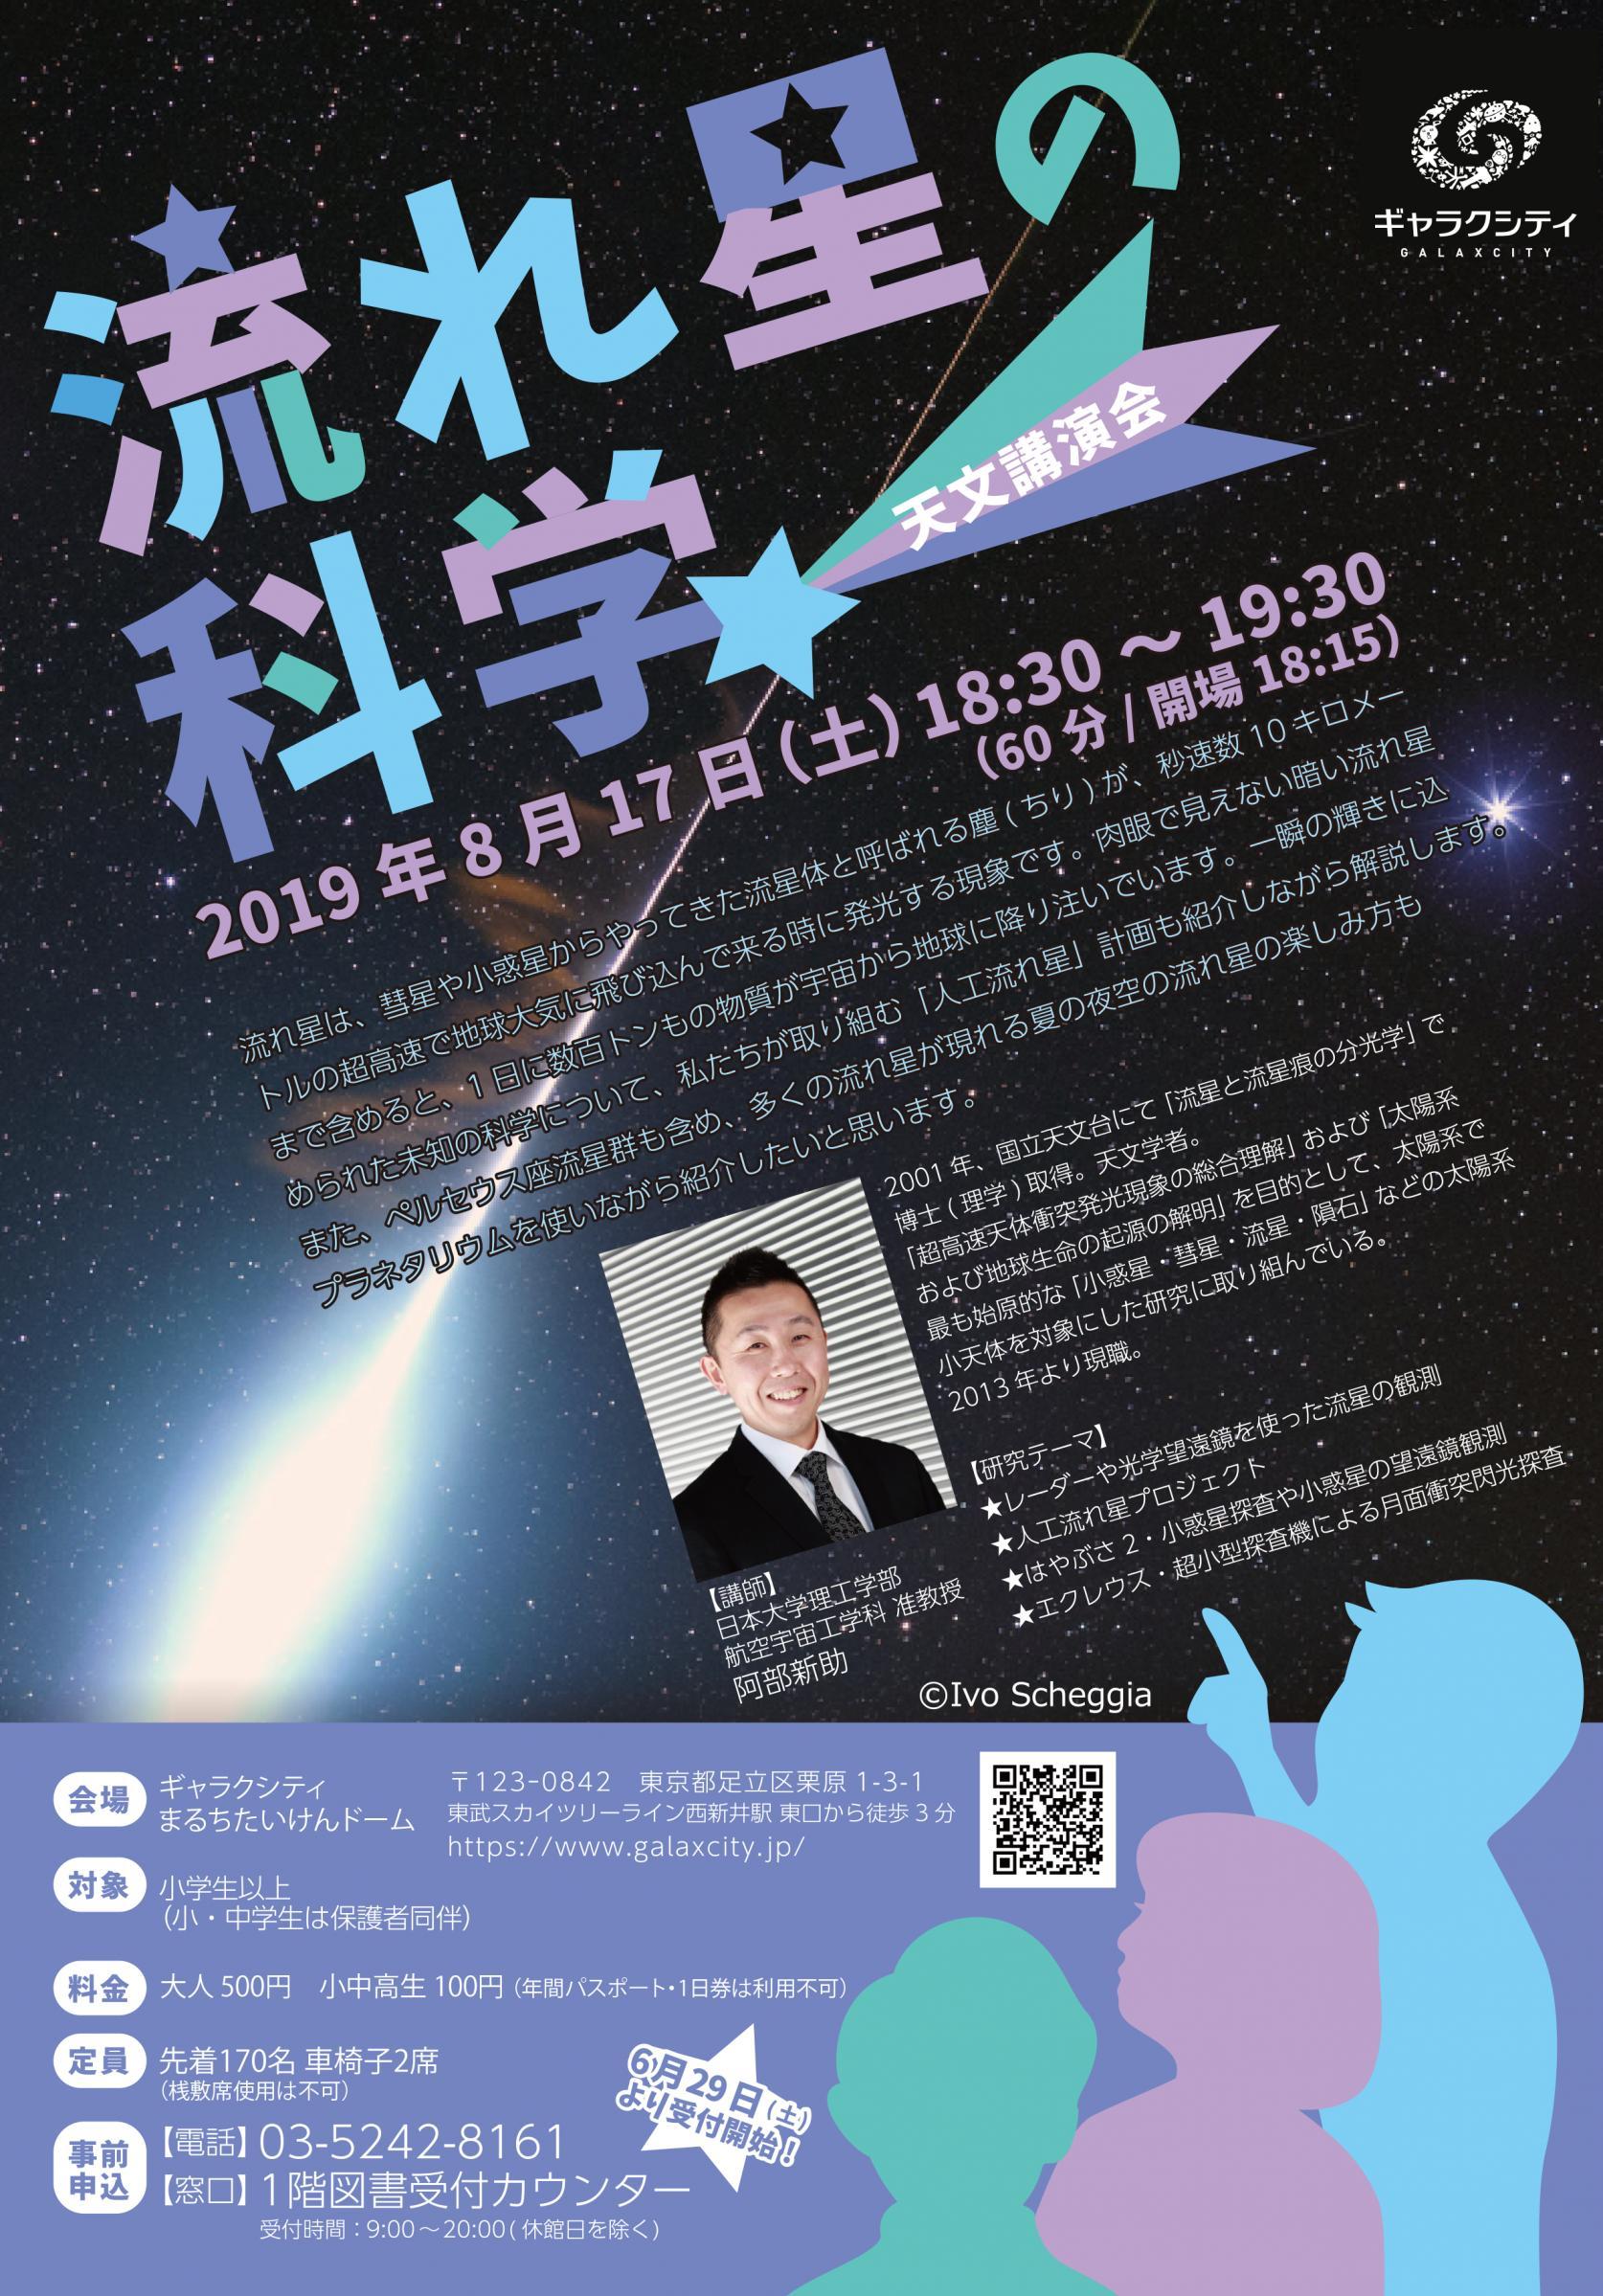 <8月17日(土):ギャラクシティまるちたいけんドームにて>航空宇宙工学科 阿部新助准教授による天文講演会「流れ星の科学」開催(事前申込制)